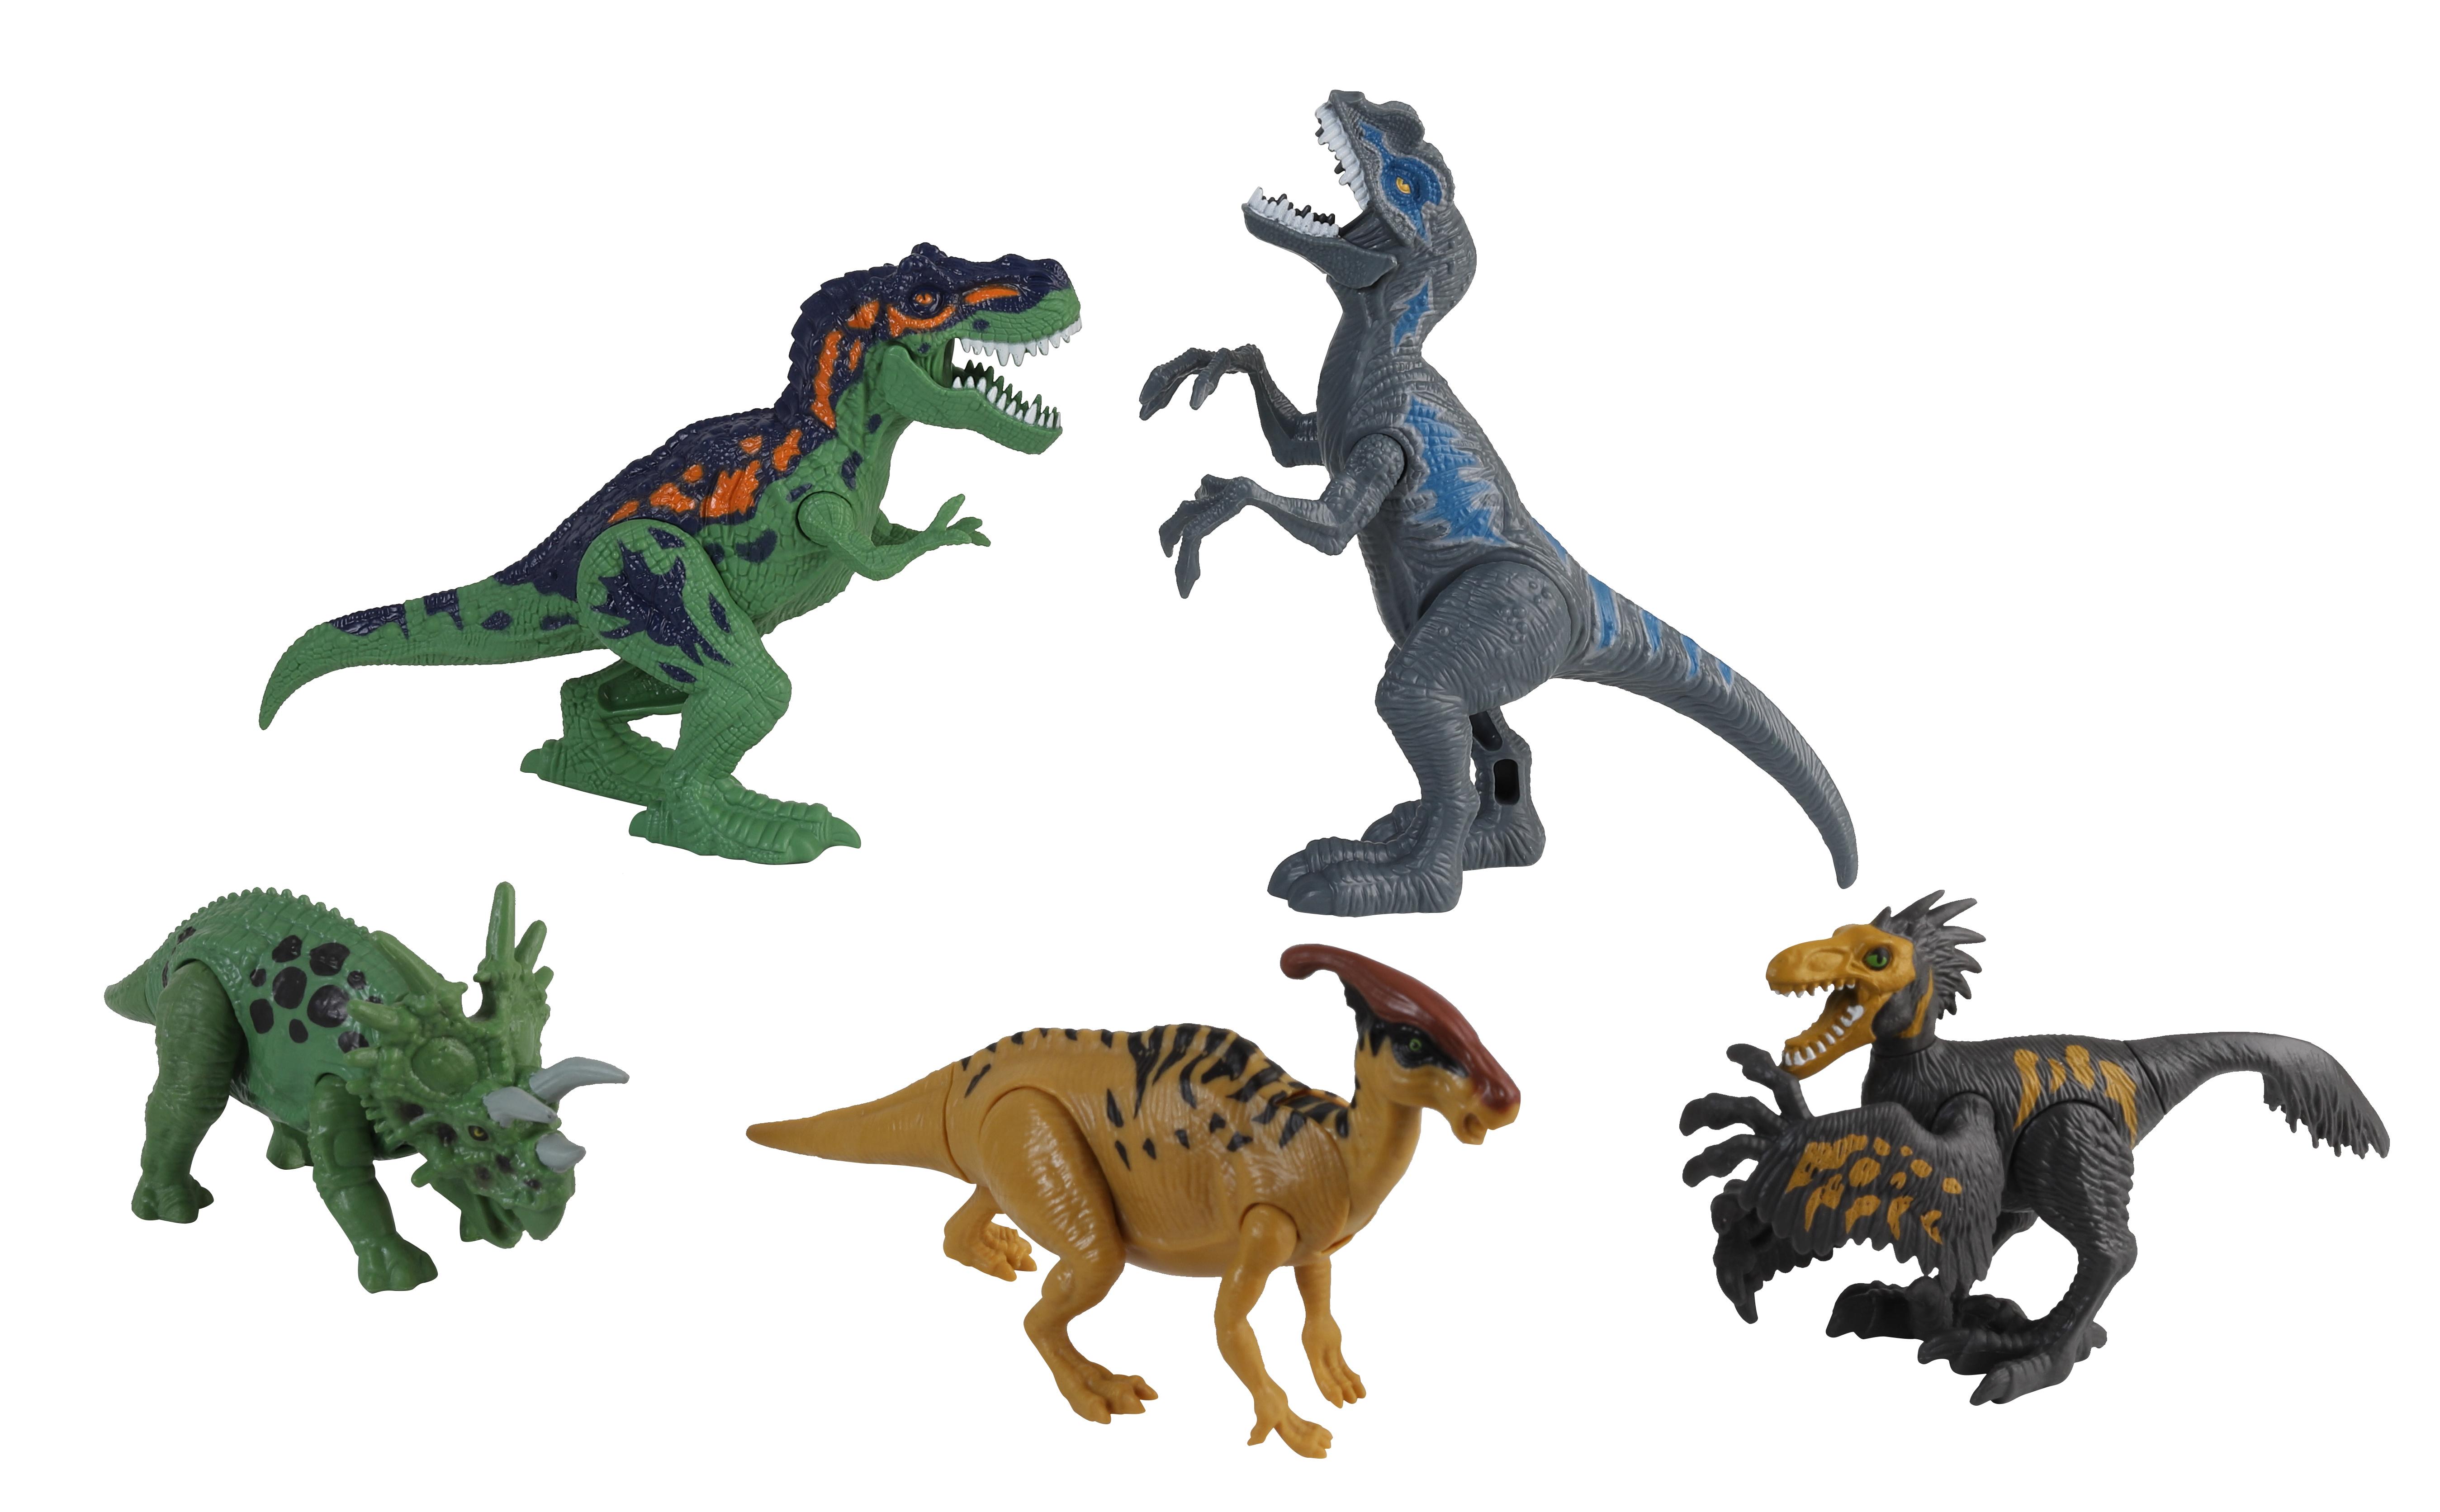 Dino Valley - Dinosaur Group Set (542017)